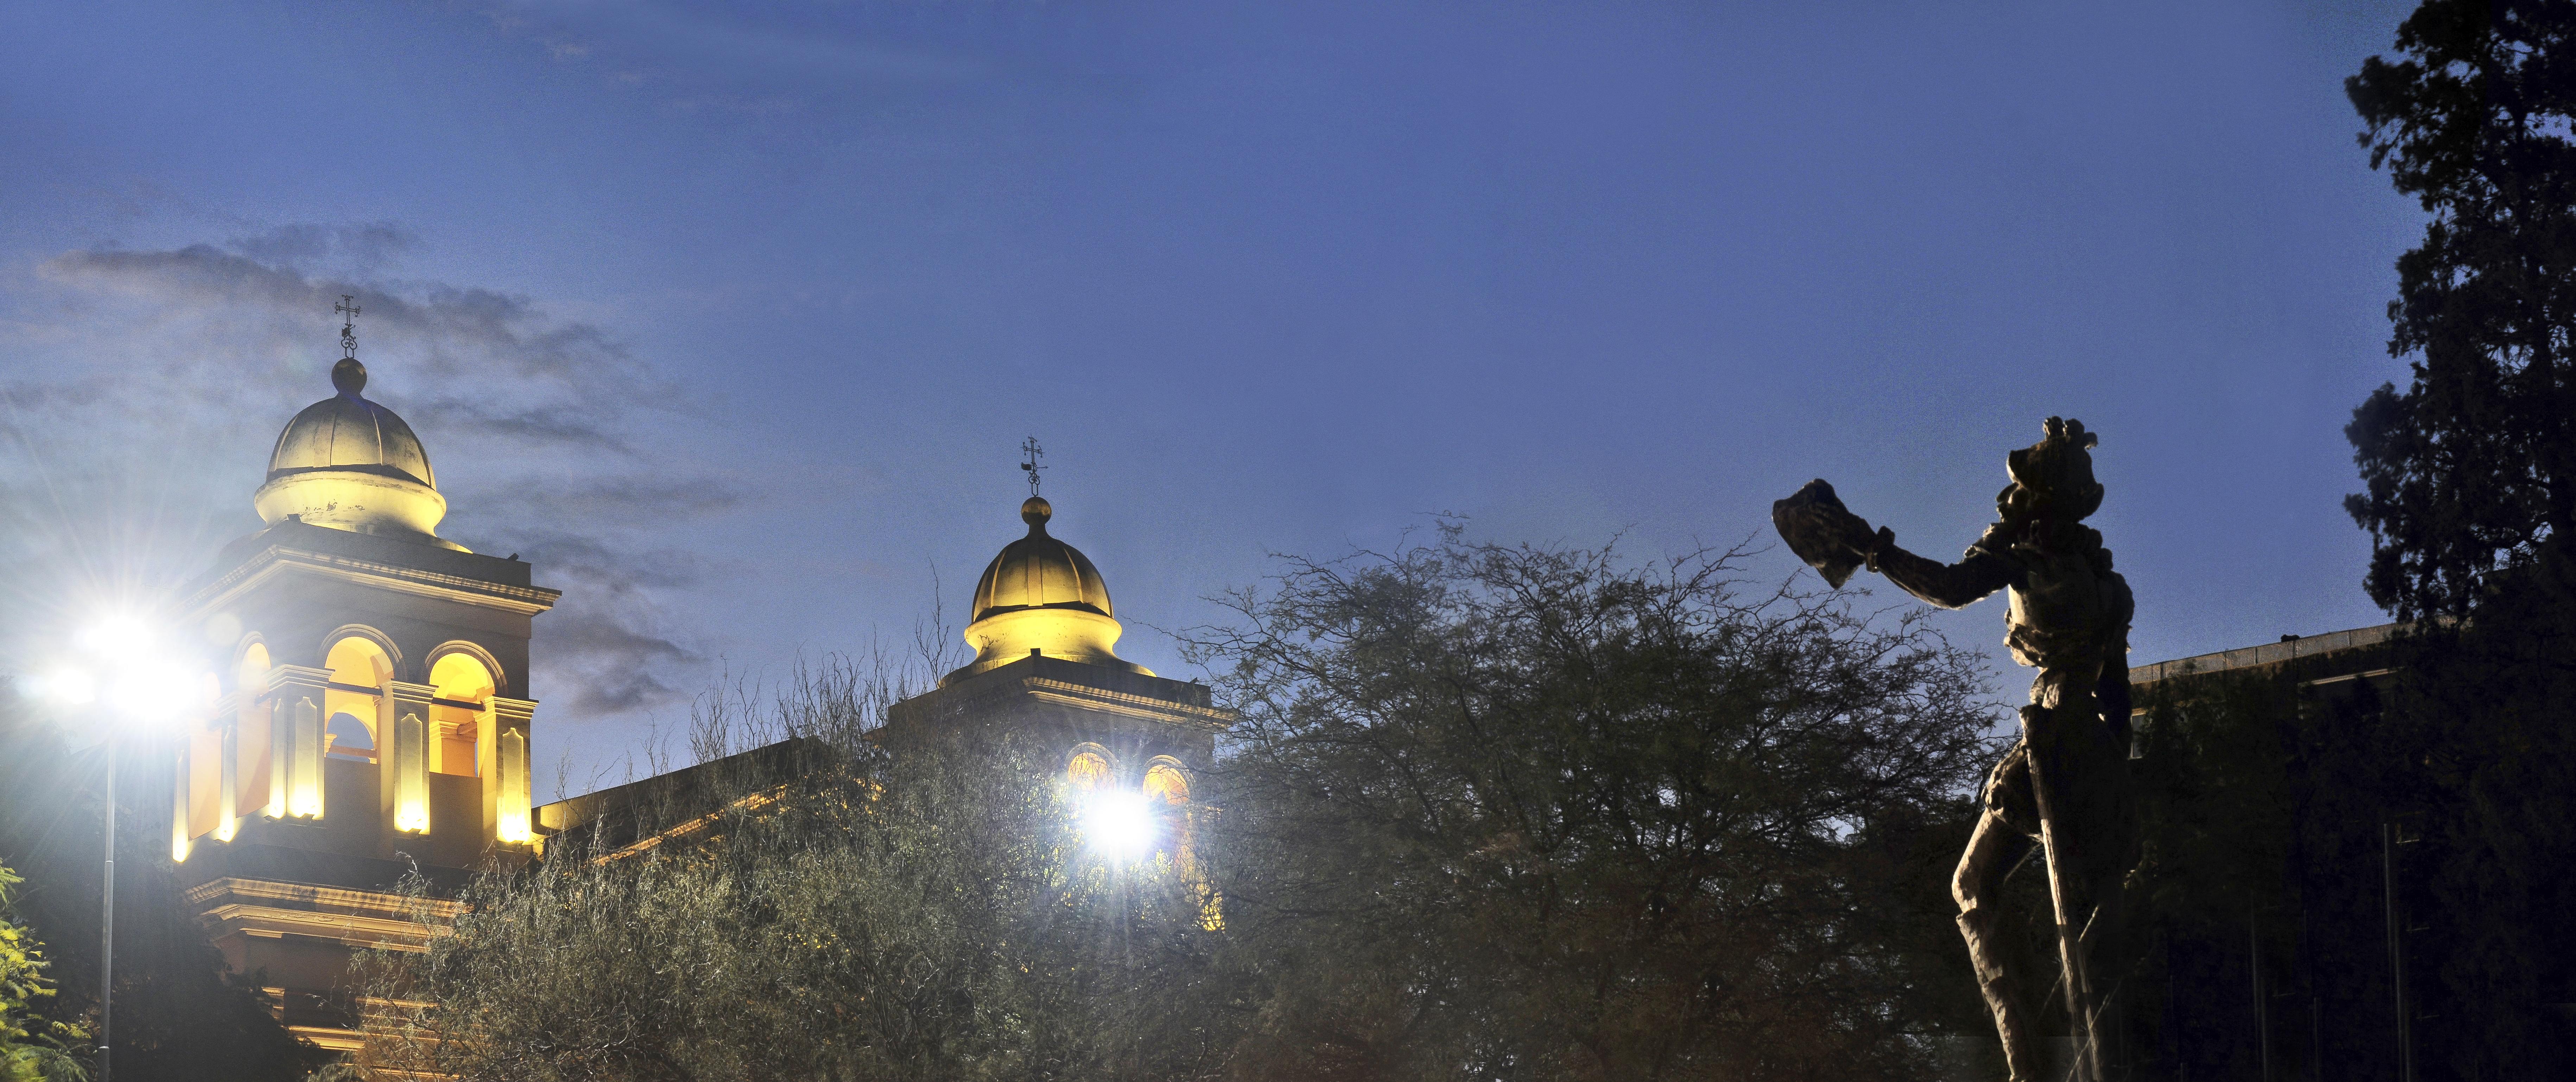 Lo que une a nuestra Córdoba con la española que la inspiró